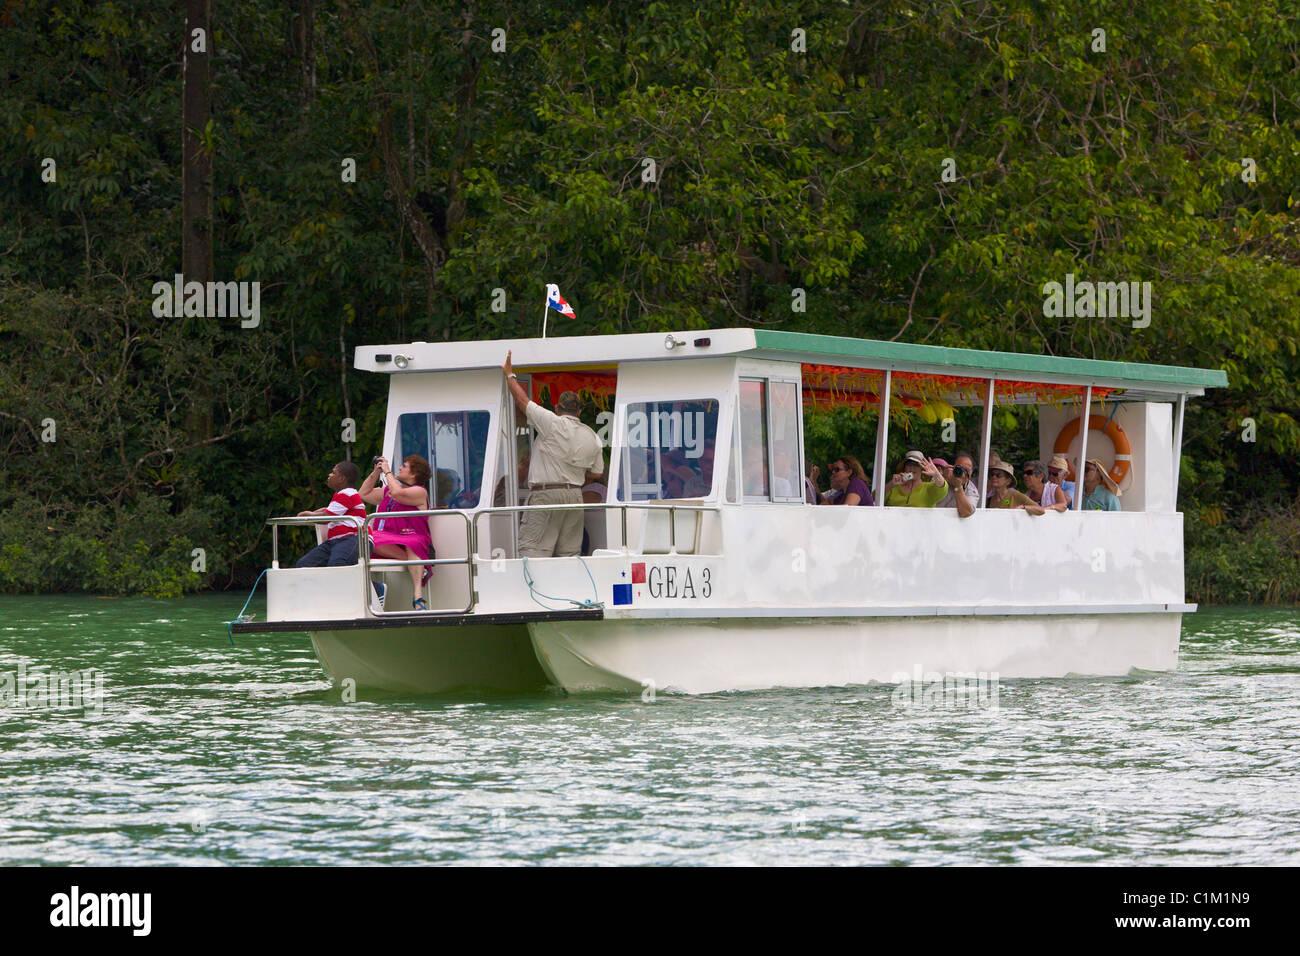 Los turistas en un tour ecológico viaje en barco, el Lago Gatún, Panamá Imagen De Stock